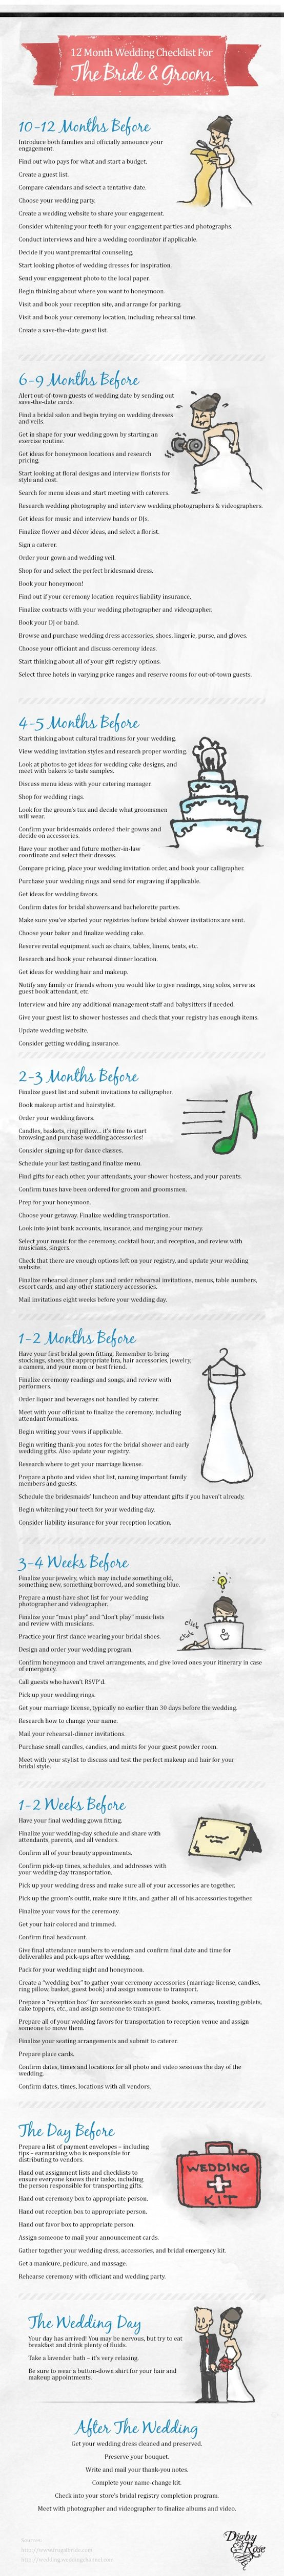 12 month wedding planning checklist: will be helpful